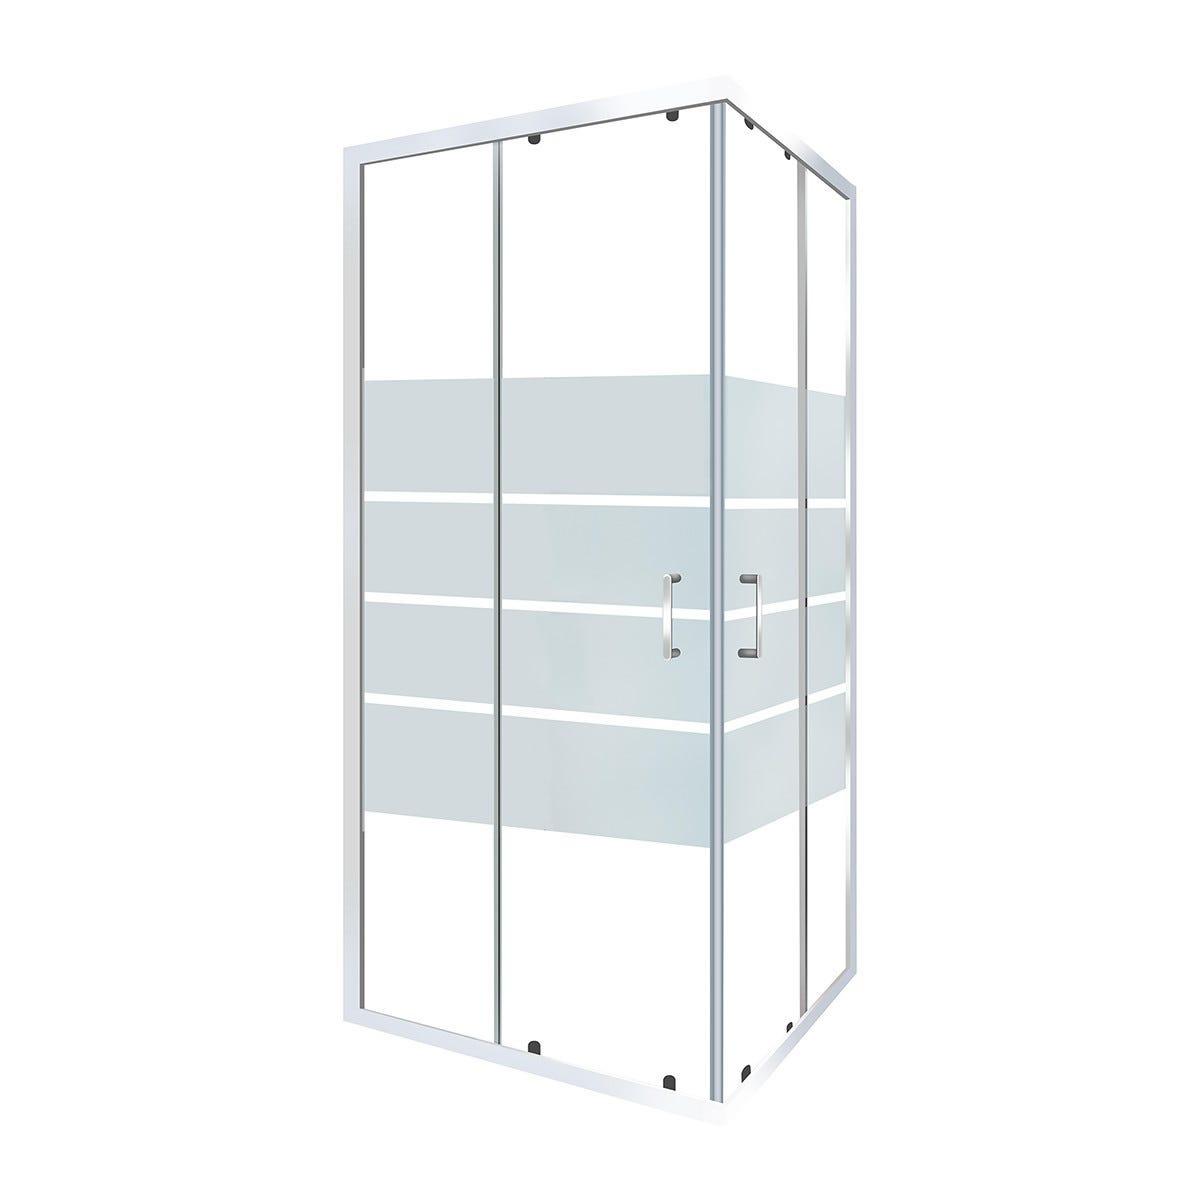 box doccia perloz 70x90 h 190 cm vetro temprato serigrafato 6 mm profili cromati